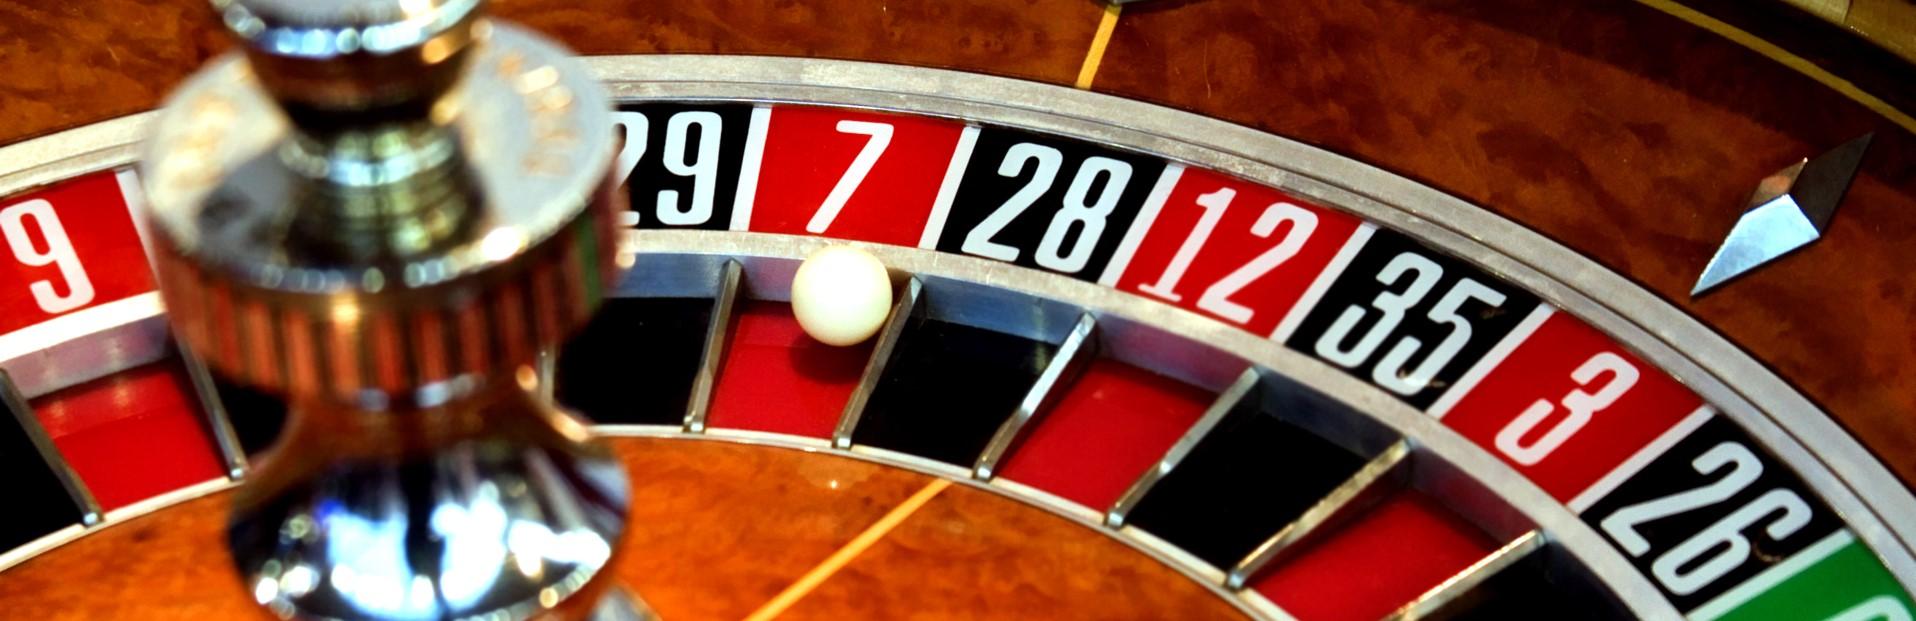 trader dan investor saham atau gambler saham